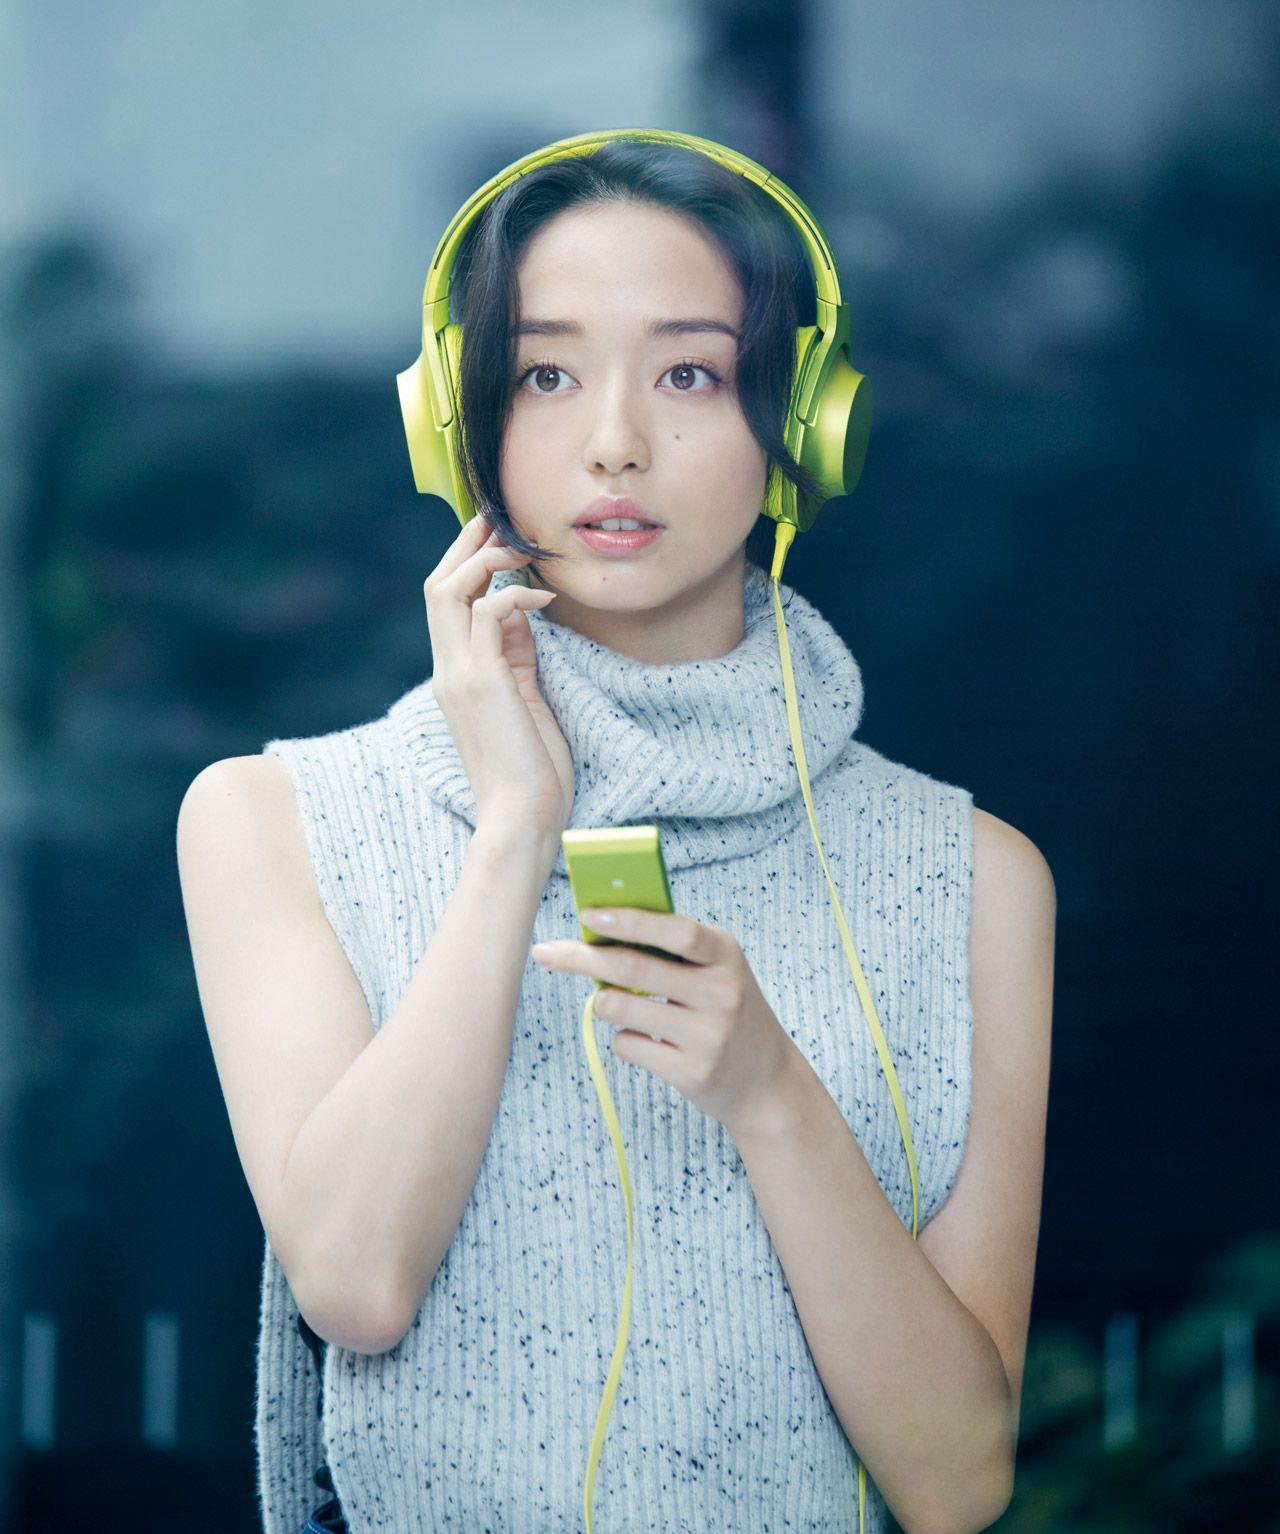 音楽を聴く松島花